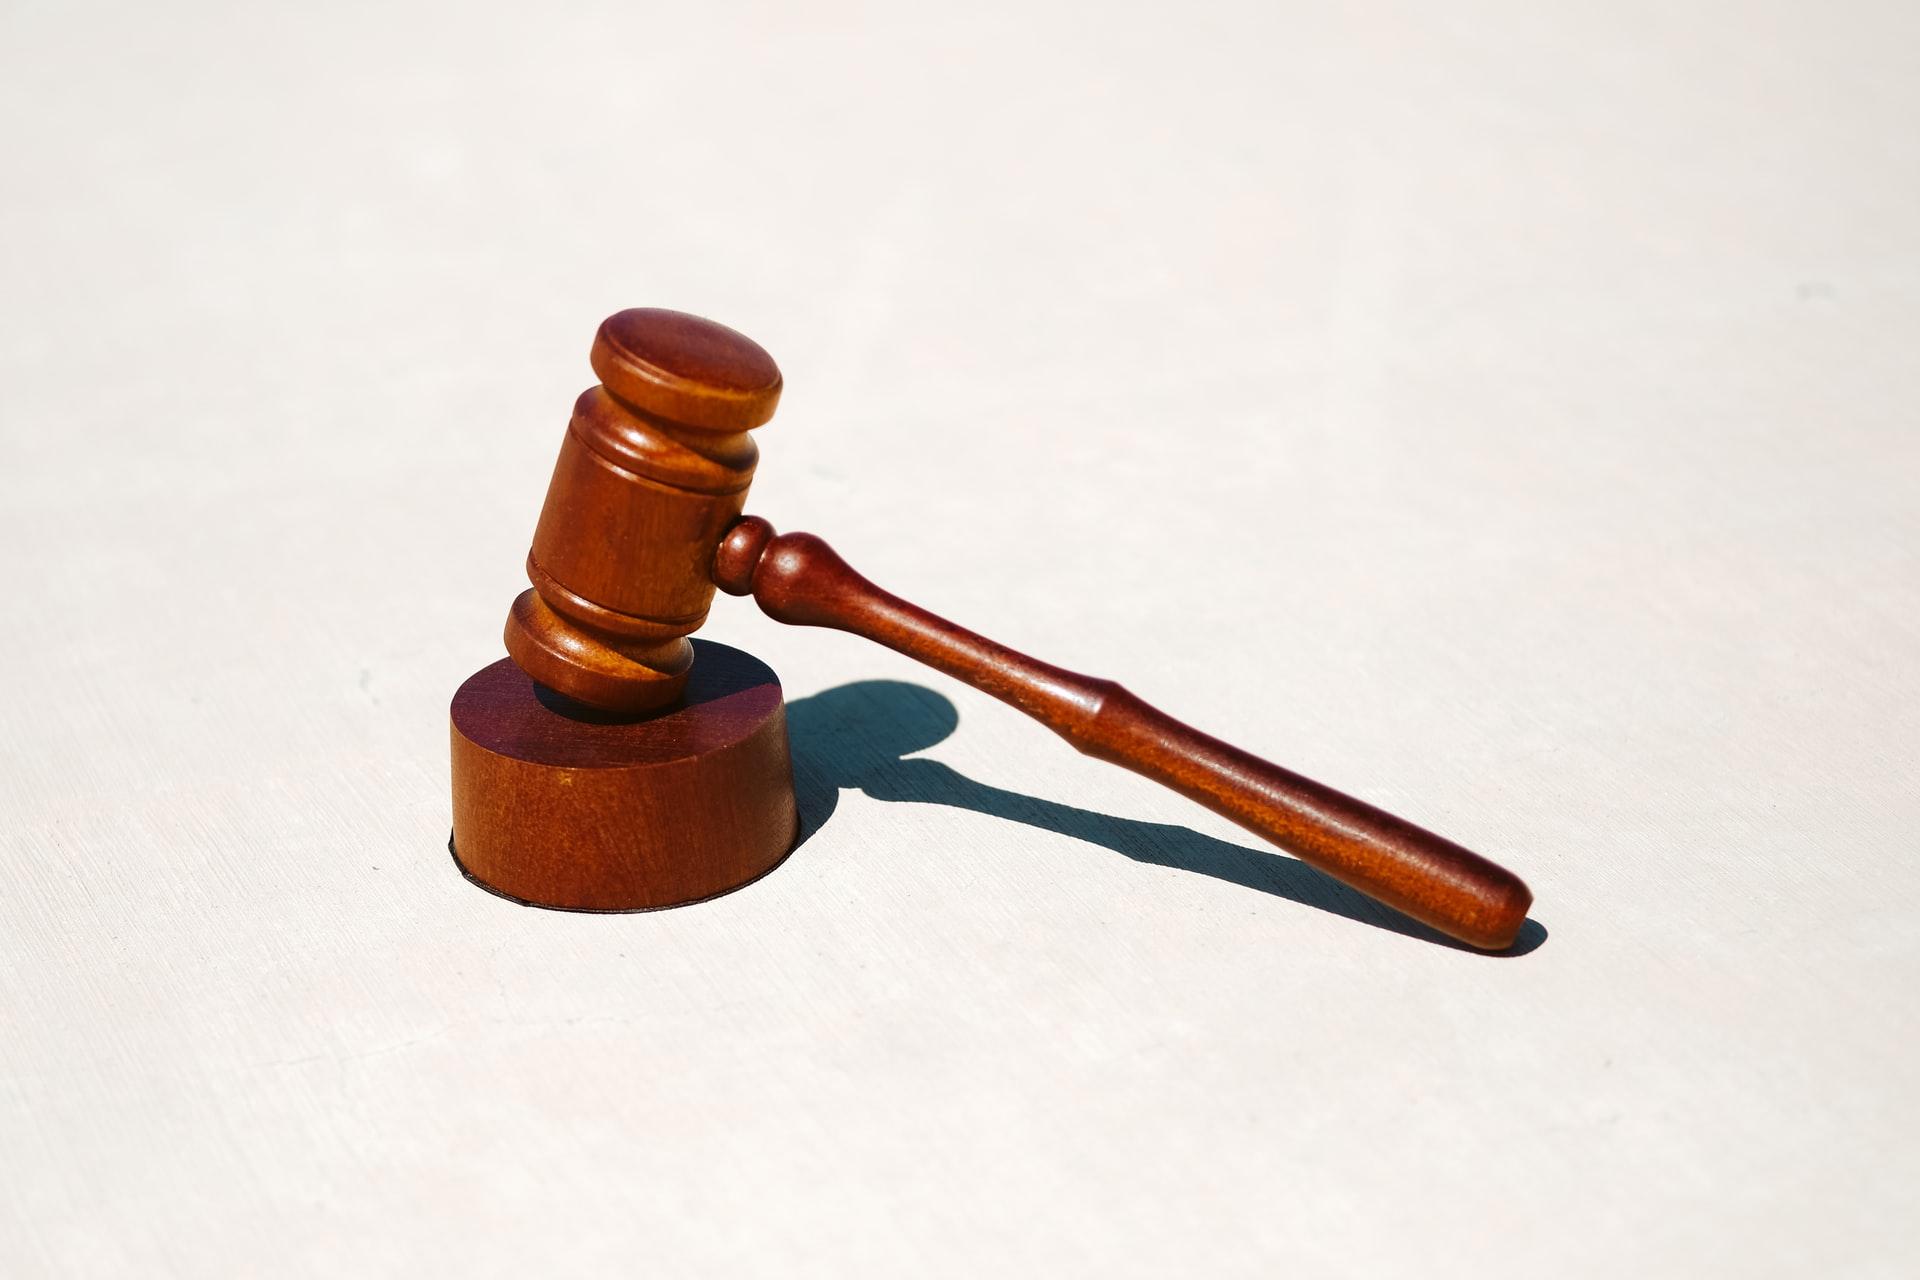 Redressement judiciaire : c'est quoi au juste ?